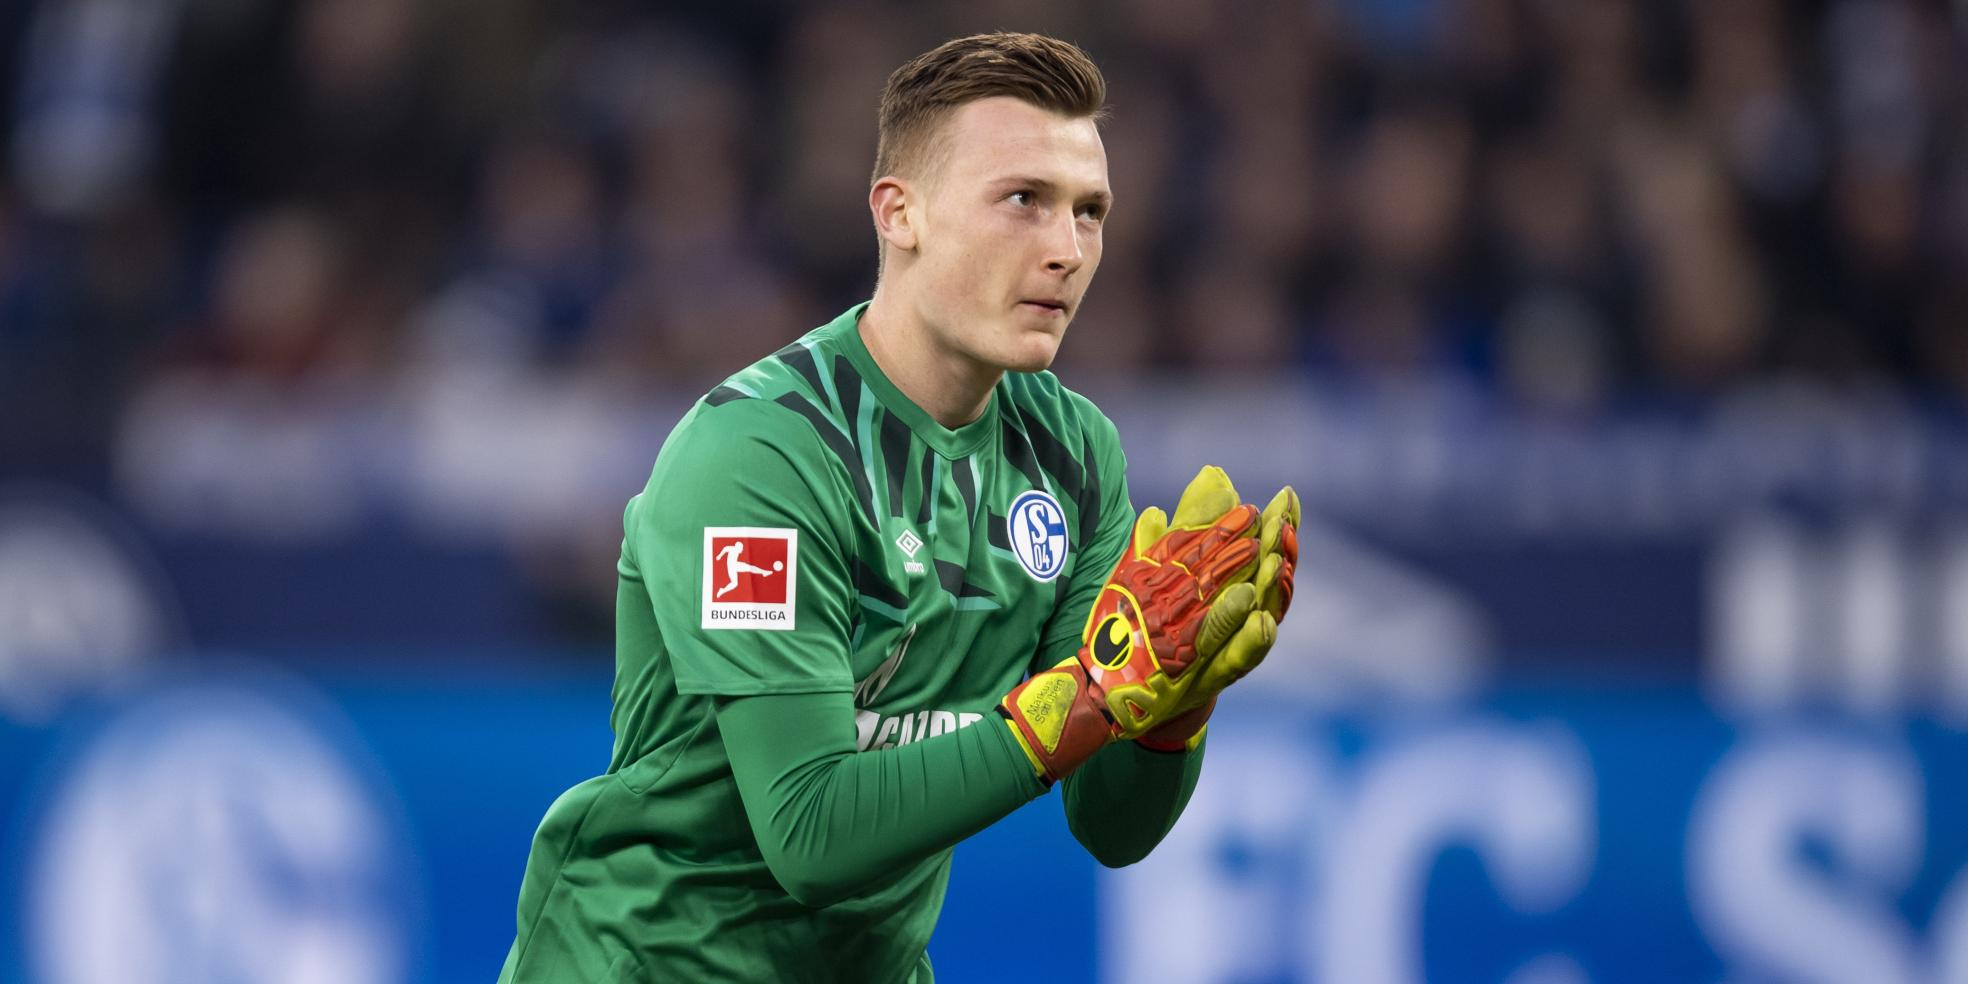 Markus Schubert vom FC Schalke 04